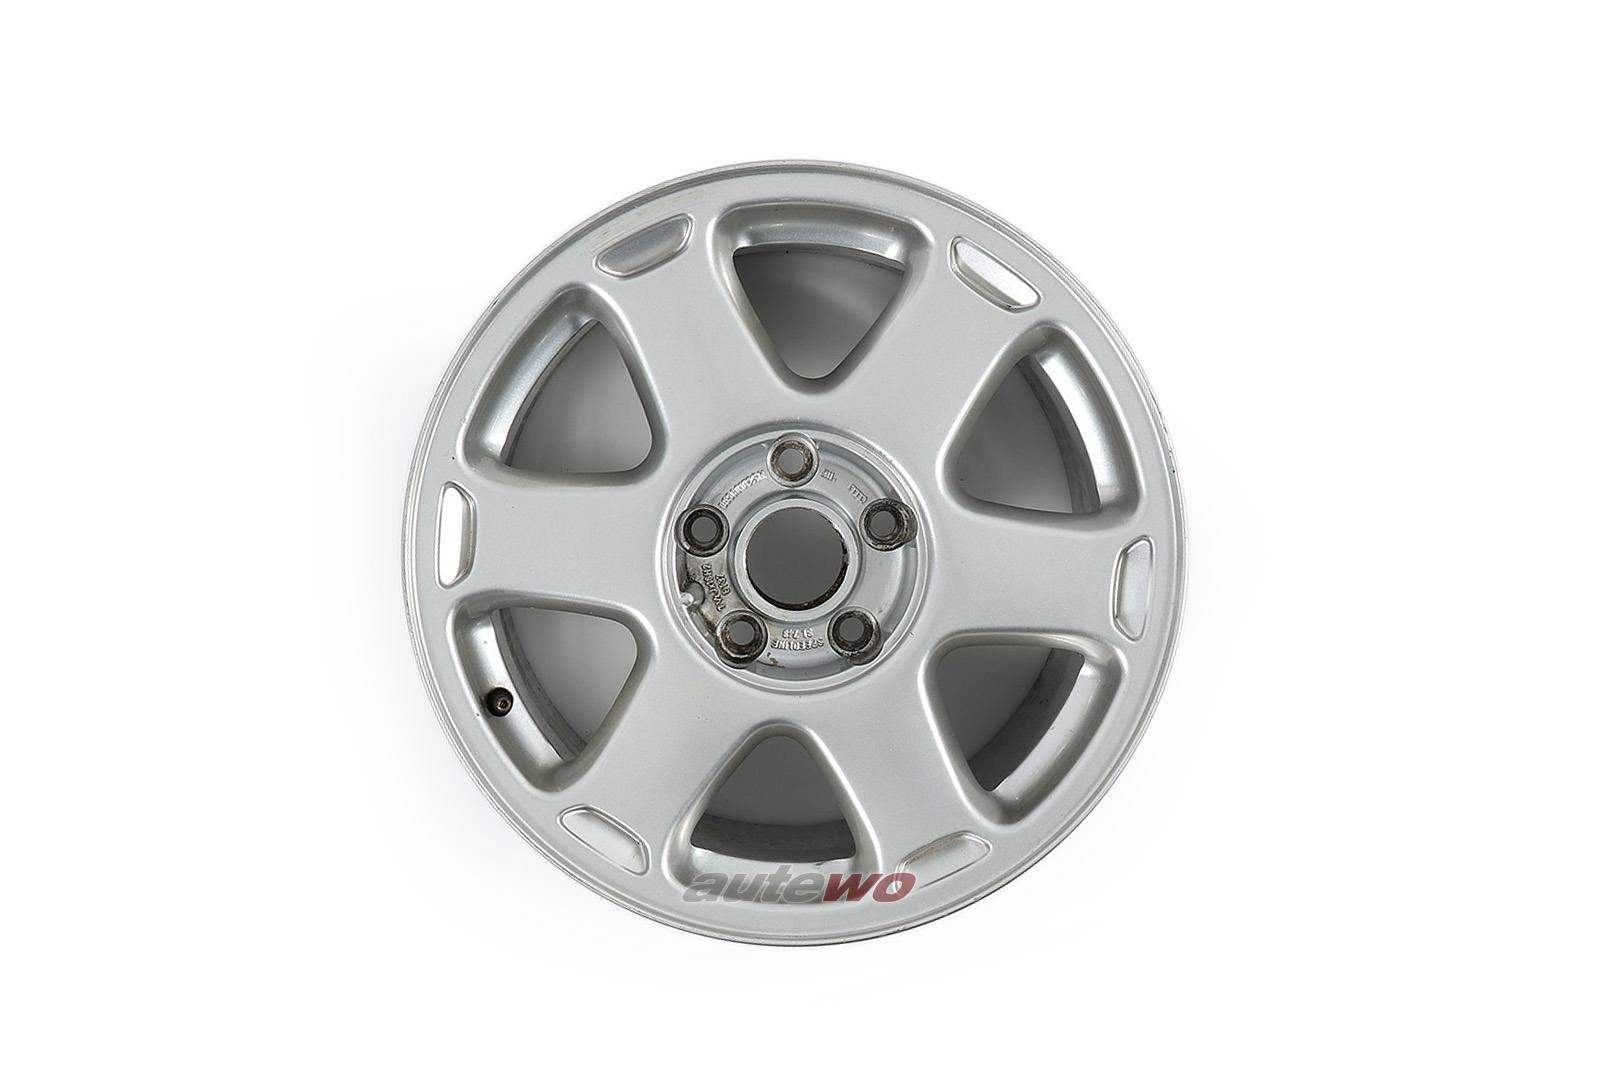 895601025M Audi Coupe 89/B4/S2/S4/S6 C4 AVUS 6-Speichen-Felge 7,5x16 ET37 5x112